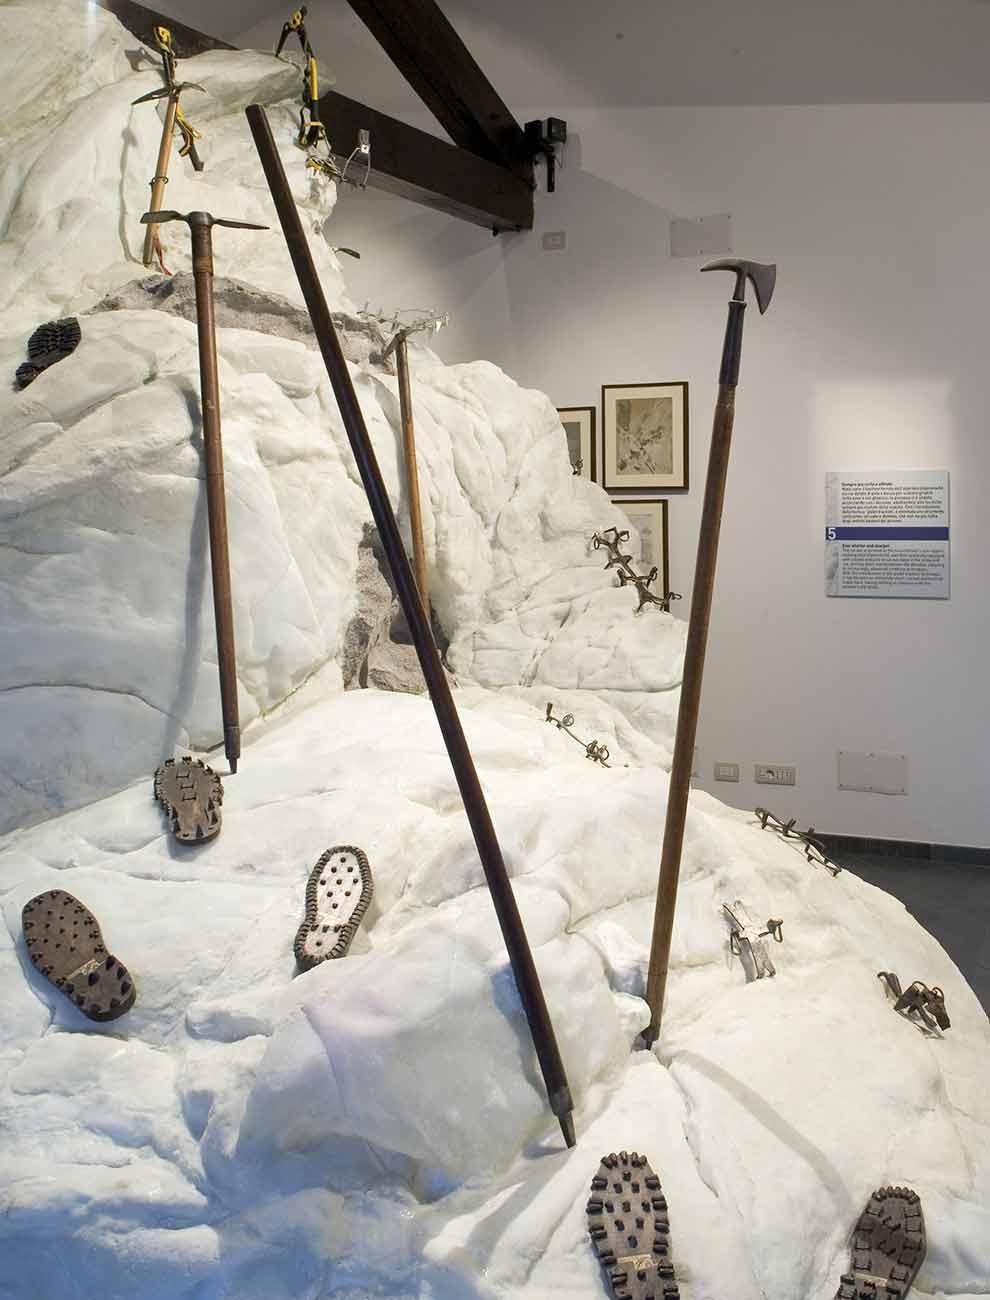 museo della montagna torino alpinismo invernale